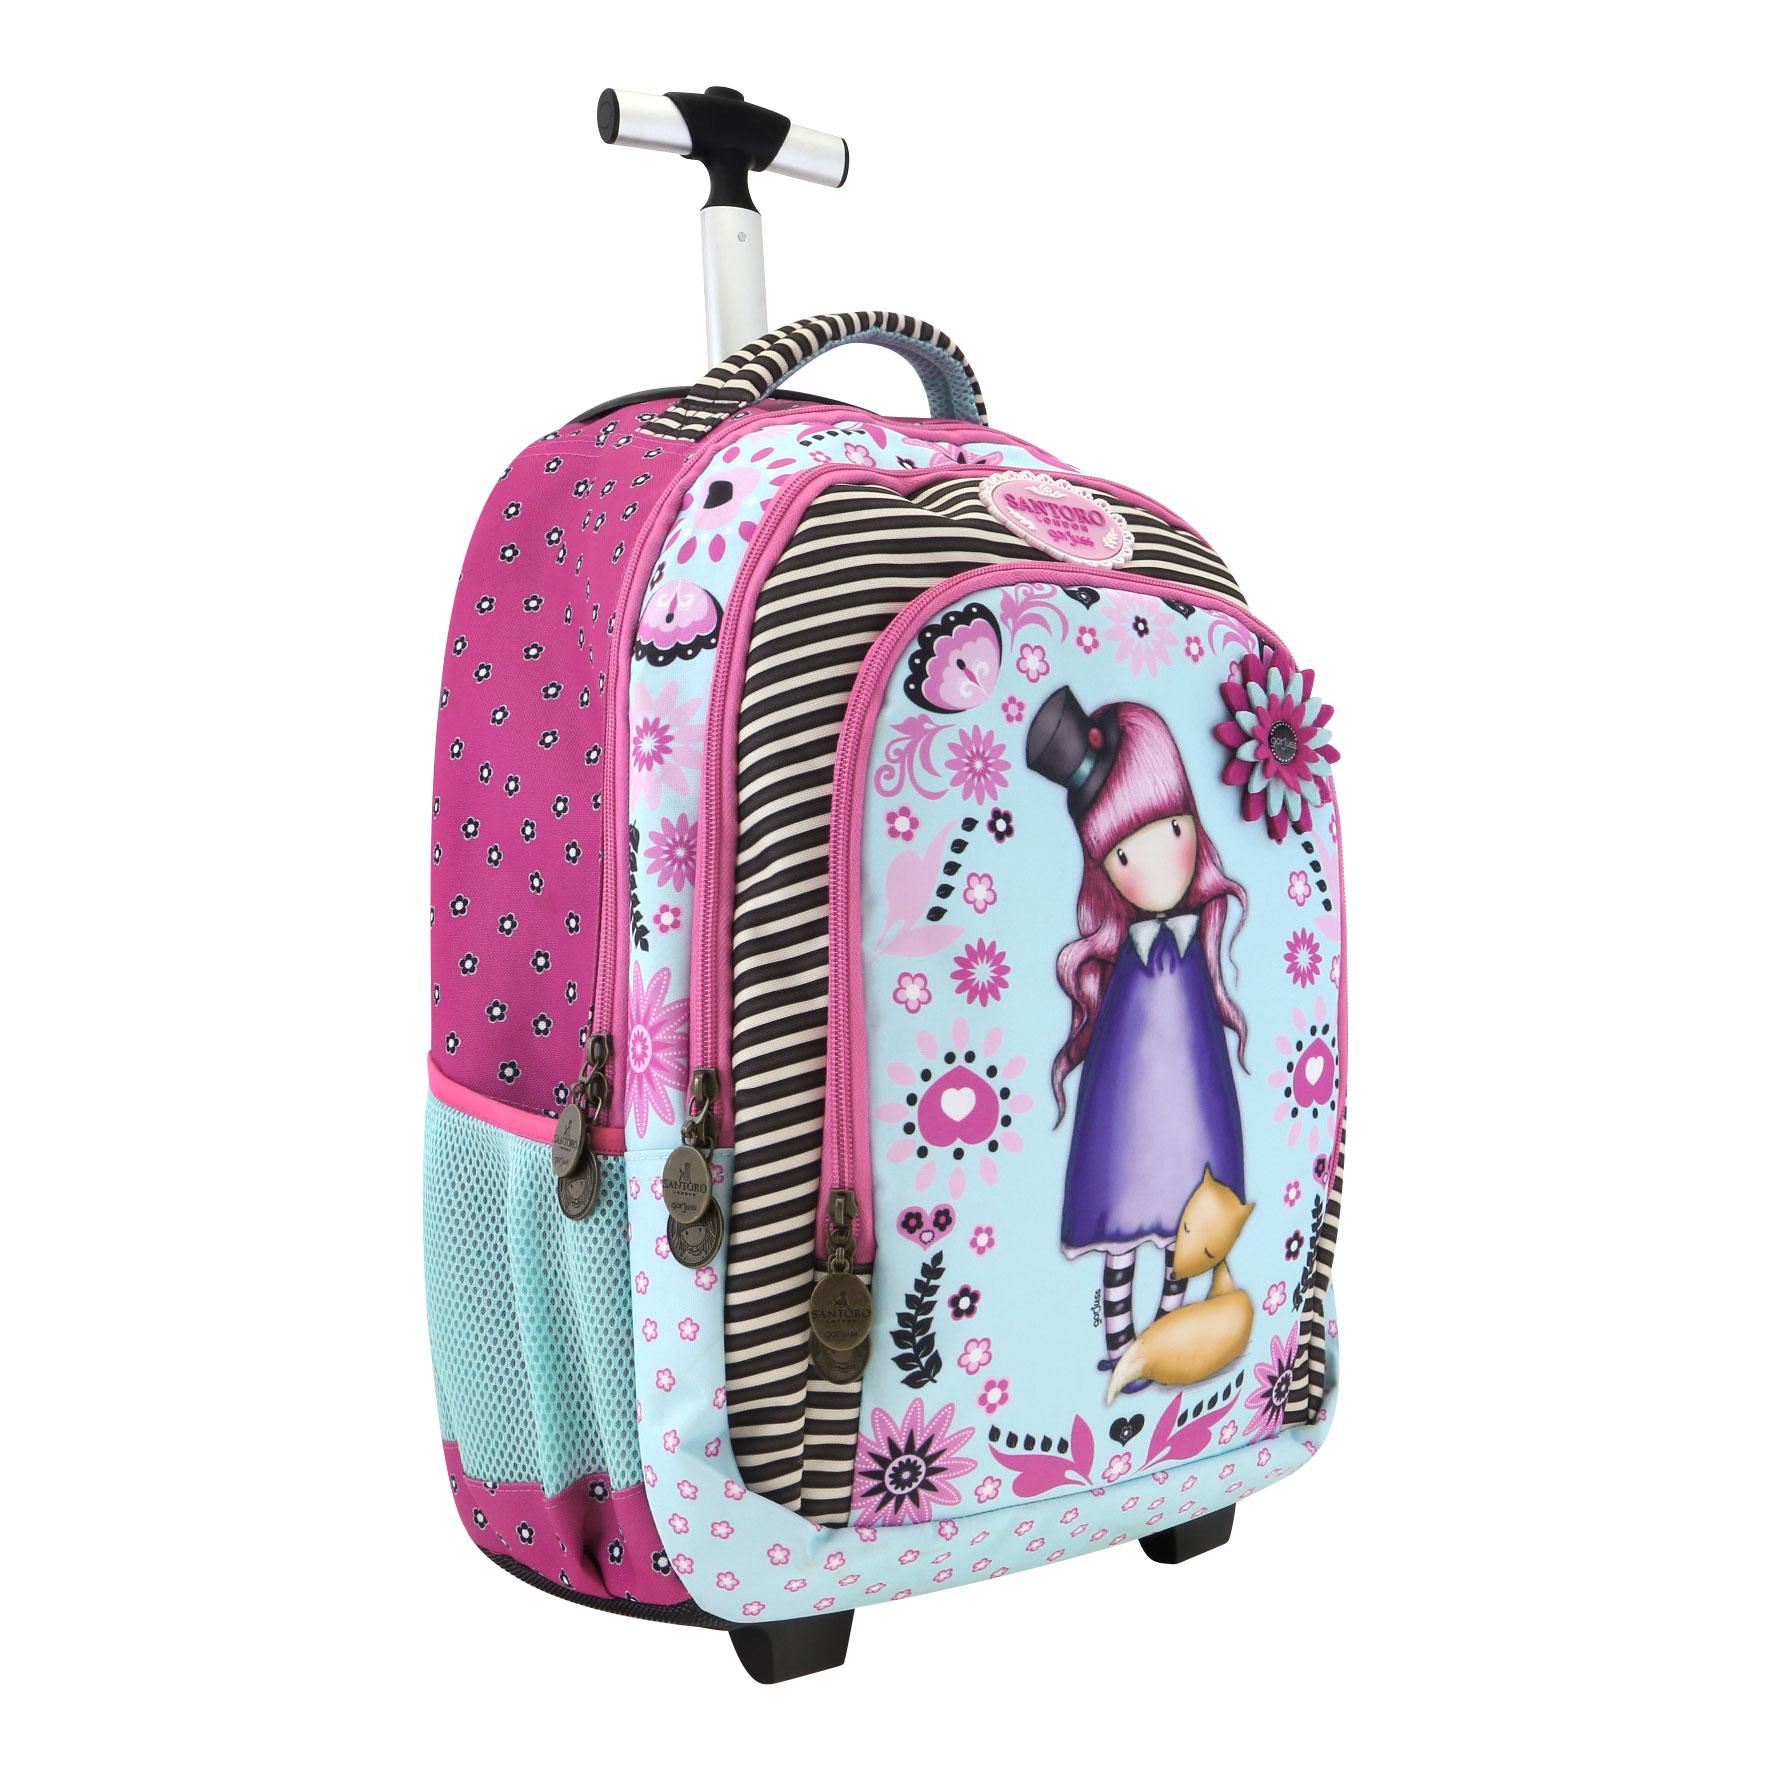 e266650e273  Magrudy.com - School Bags